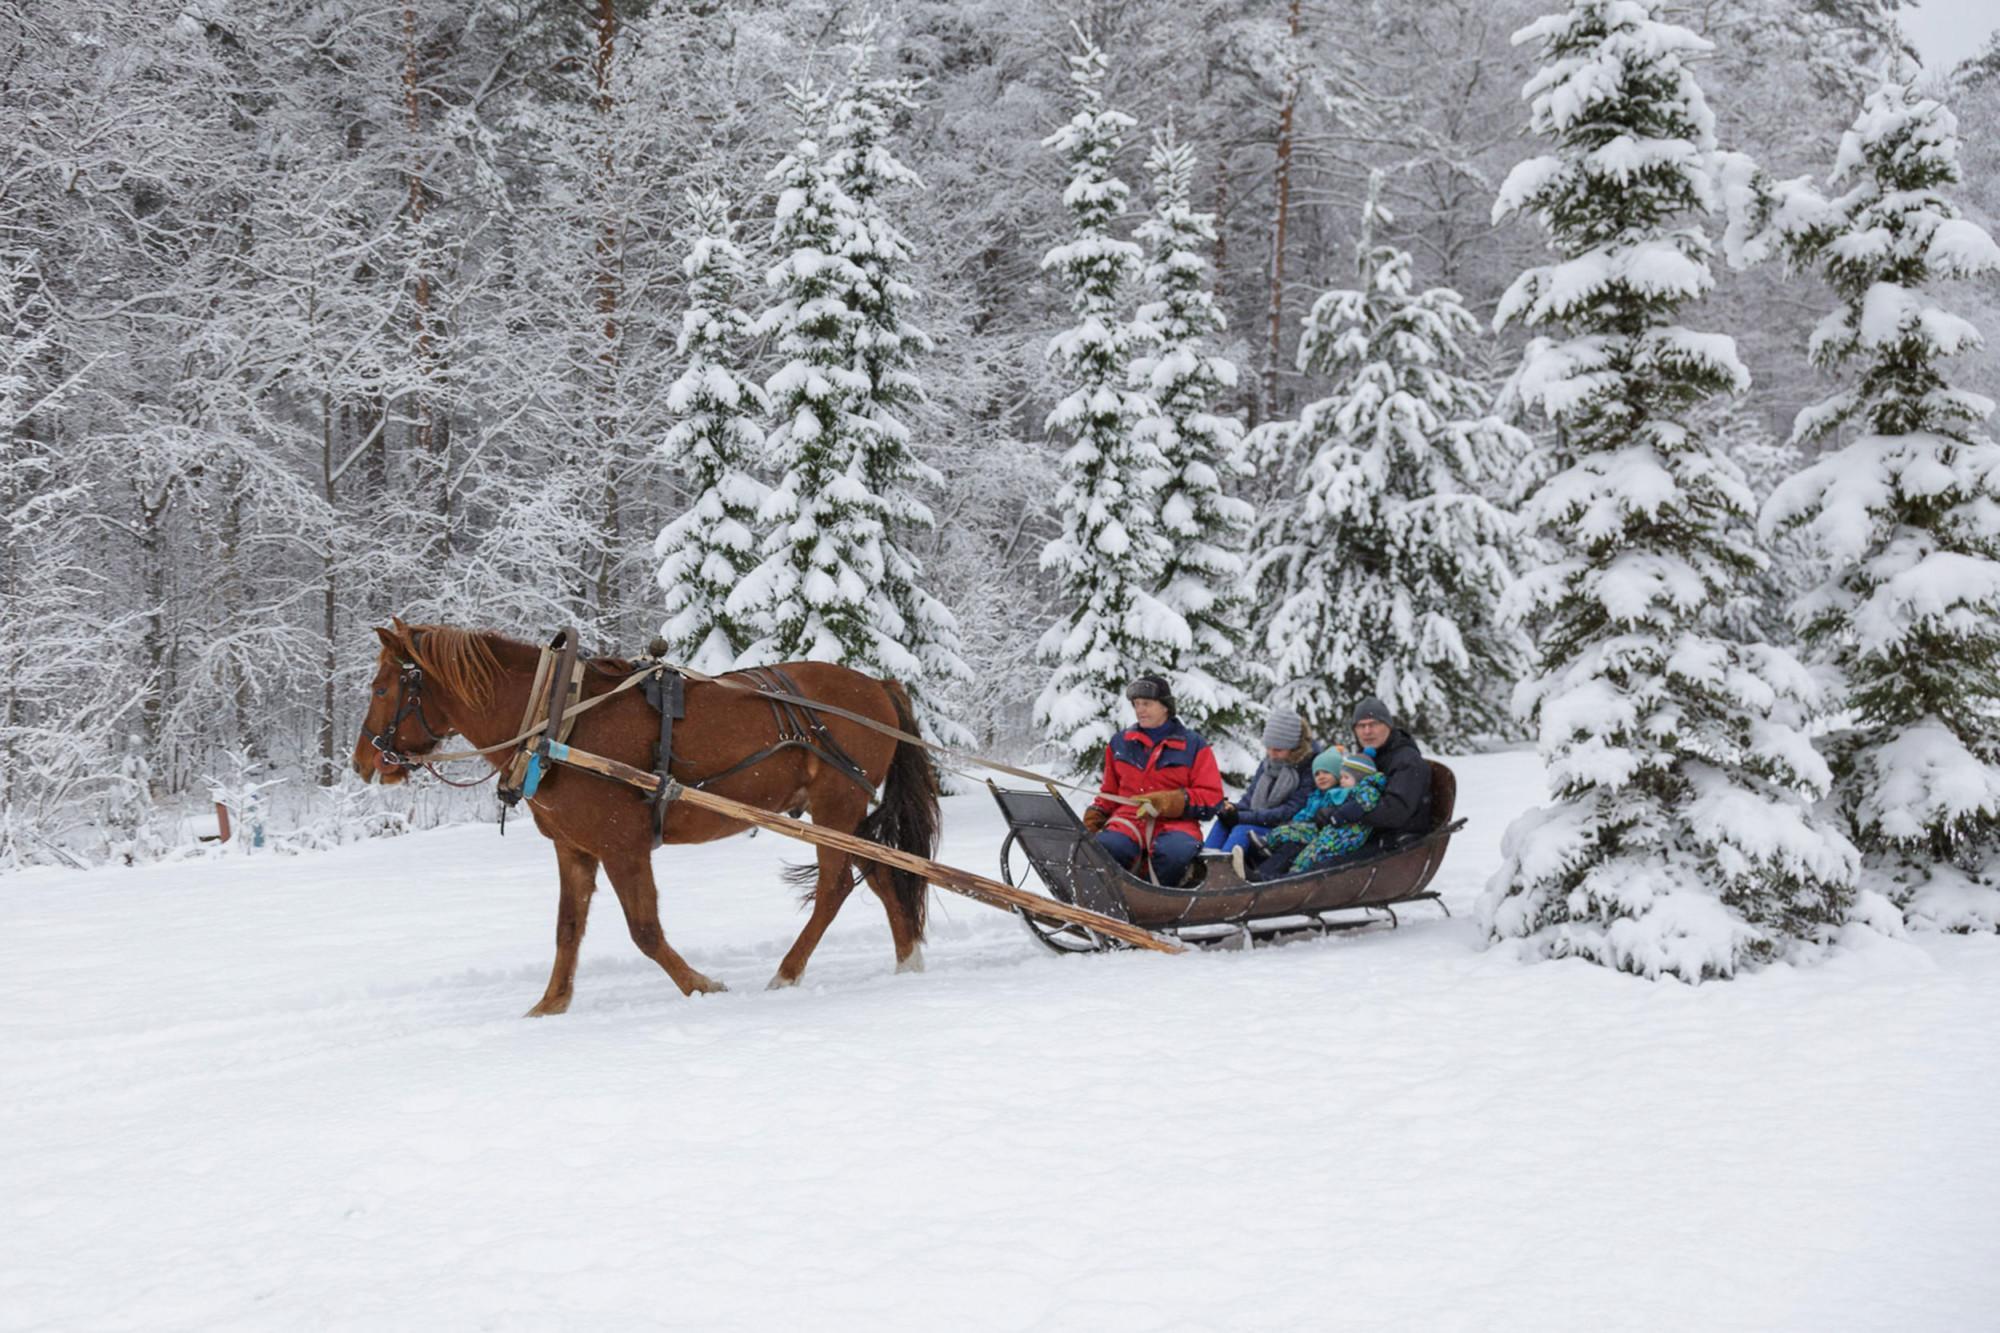 Hevonen vetää rekeä lumisessa maisemassa, kyydissä ihmisiä.